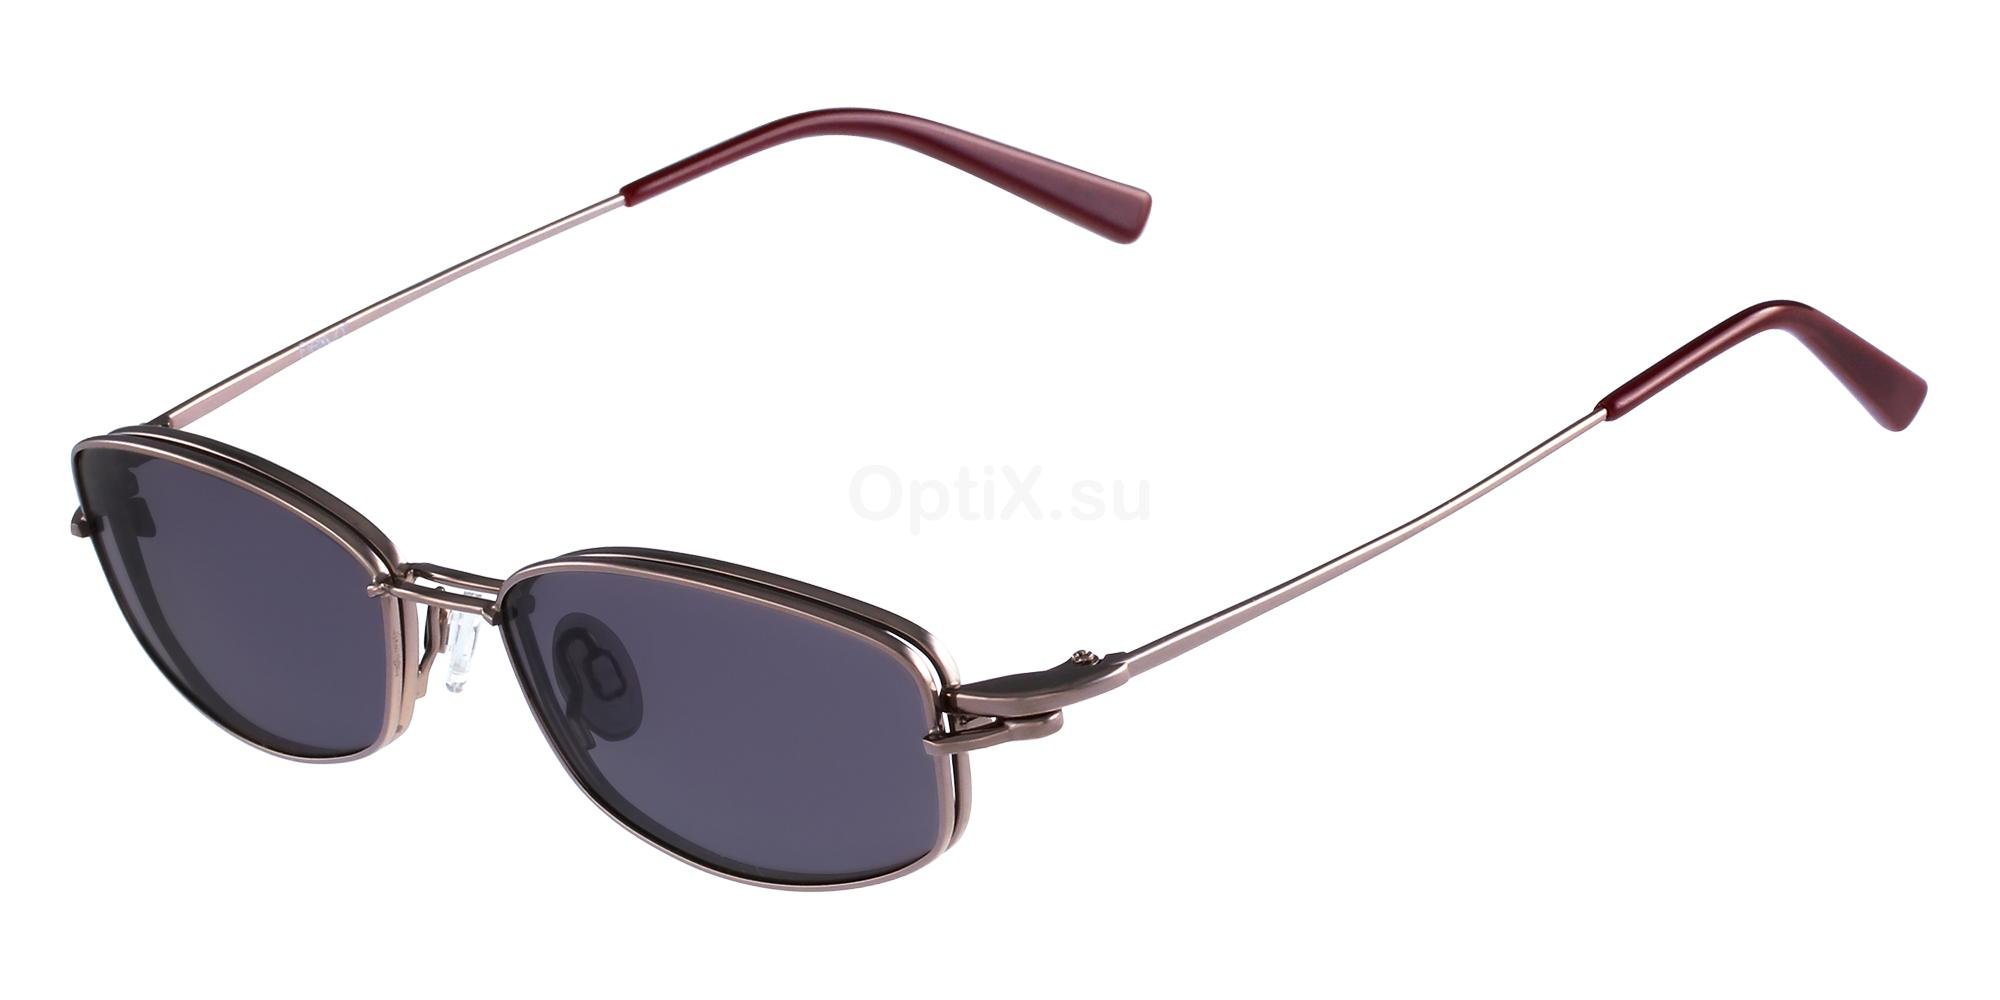 045 FLX903 MAG-SET Glasses, Flexon